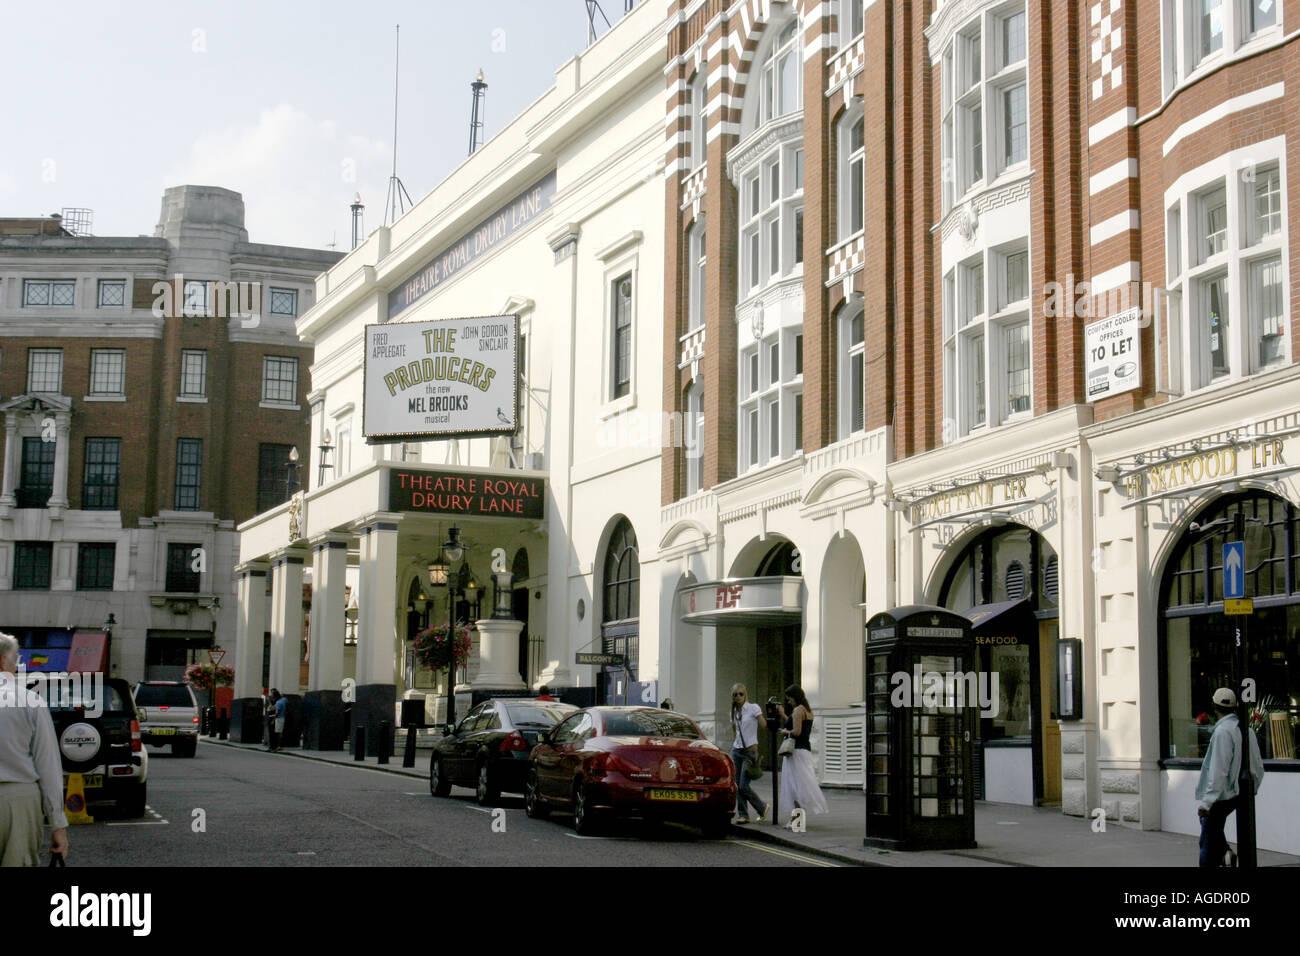 Theatre Royal.Drury Lane.London.UK.Europe.2005 - Stock Image